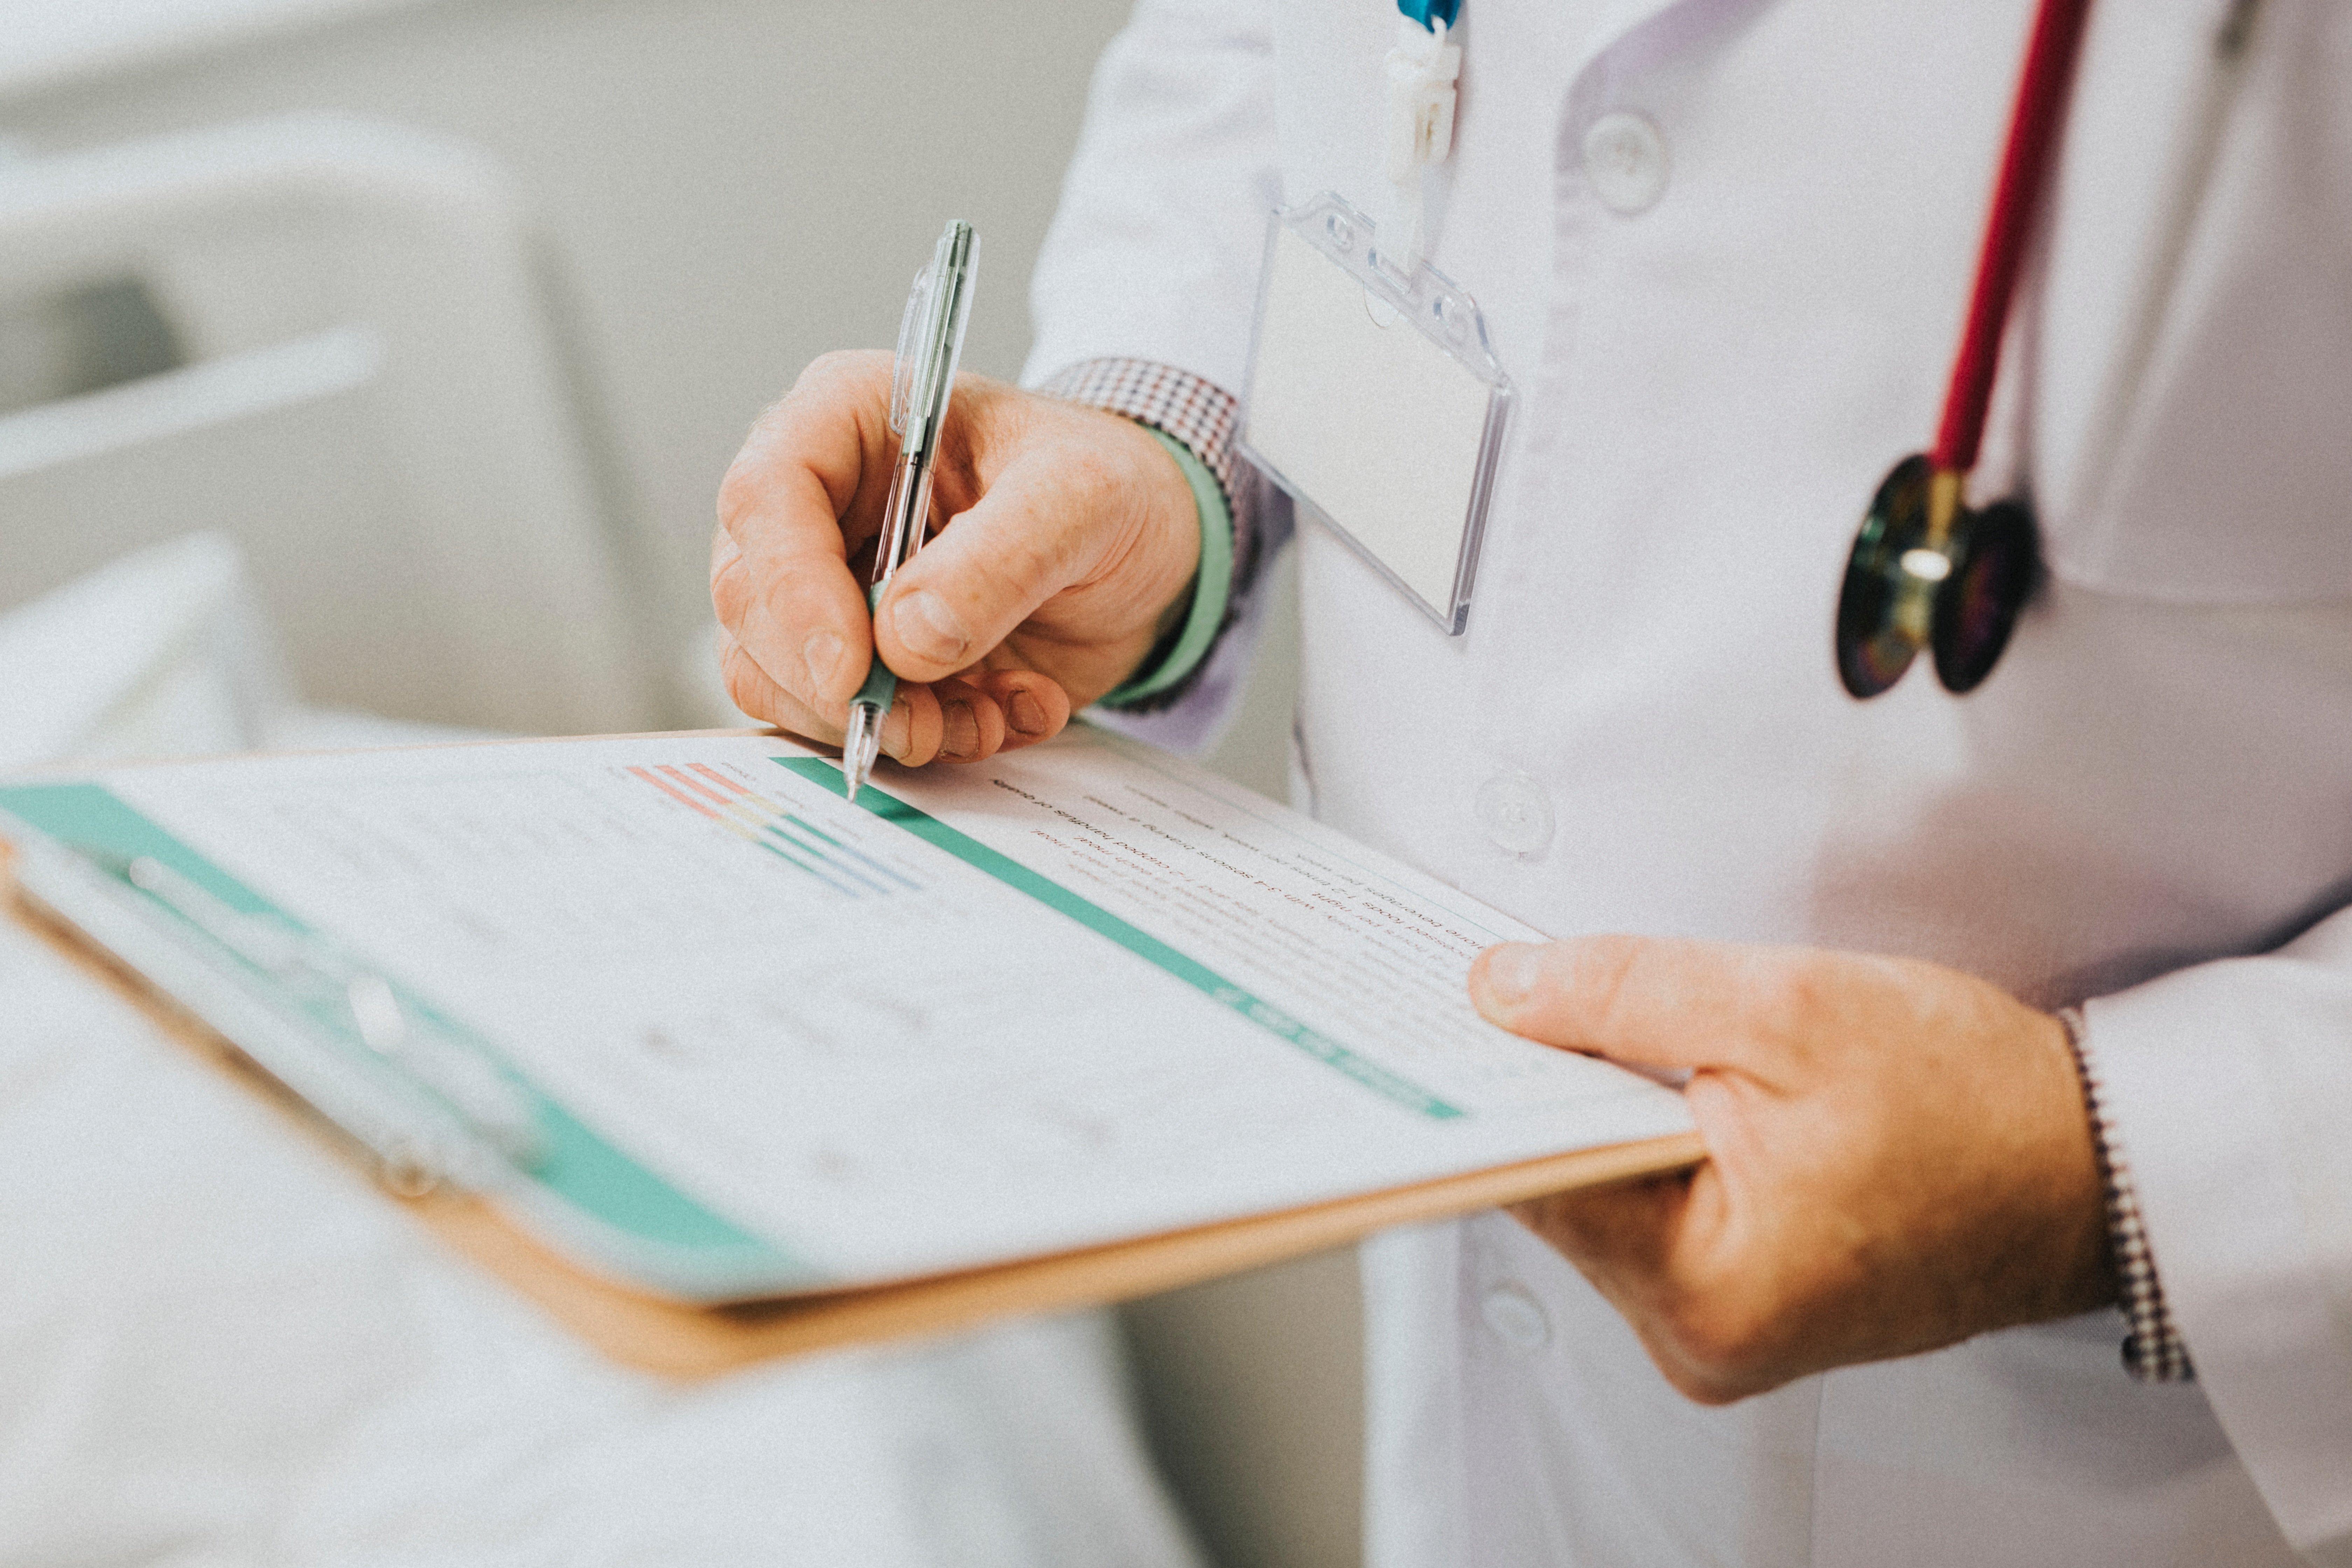 Un Docteur écrivant sur papier | Source : Unsplash